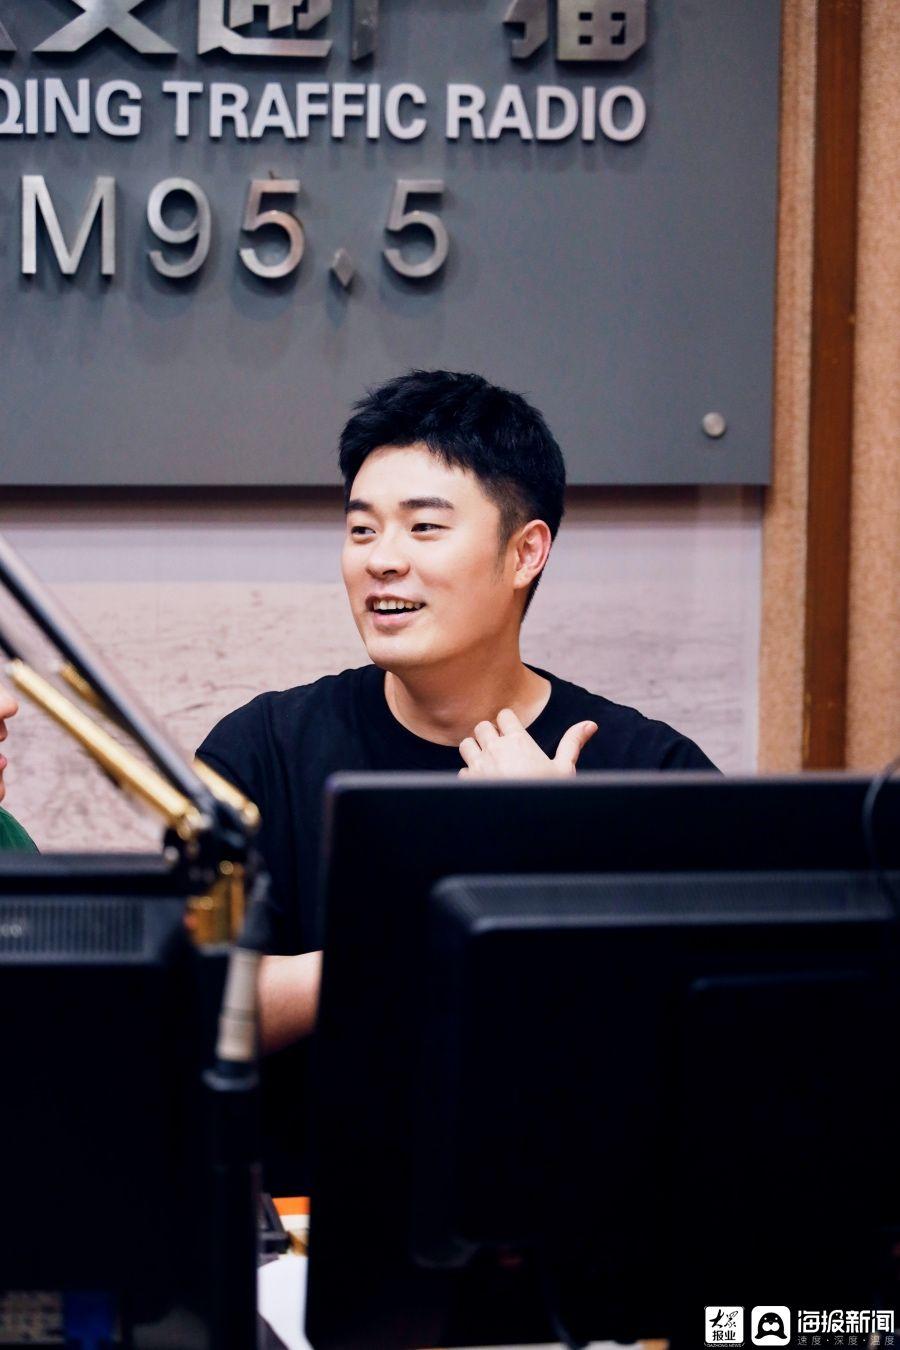 陈赫《哈哈哈哈哈》回到广播直播室上演一场超级治愈对话